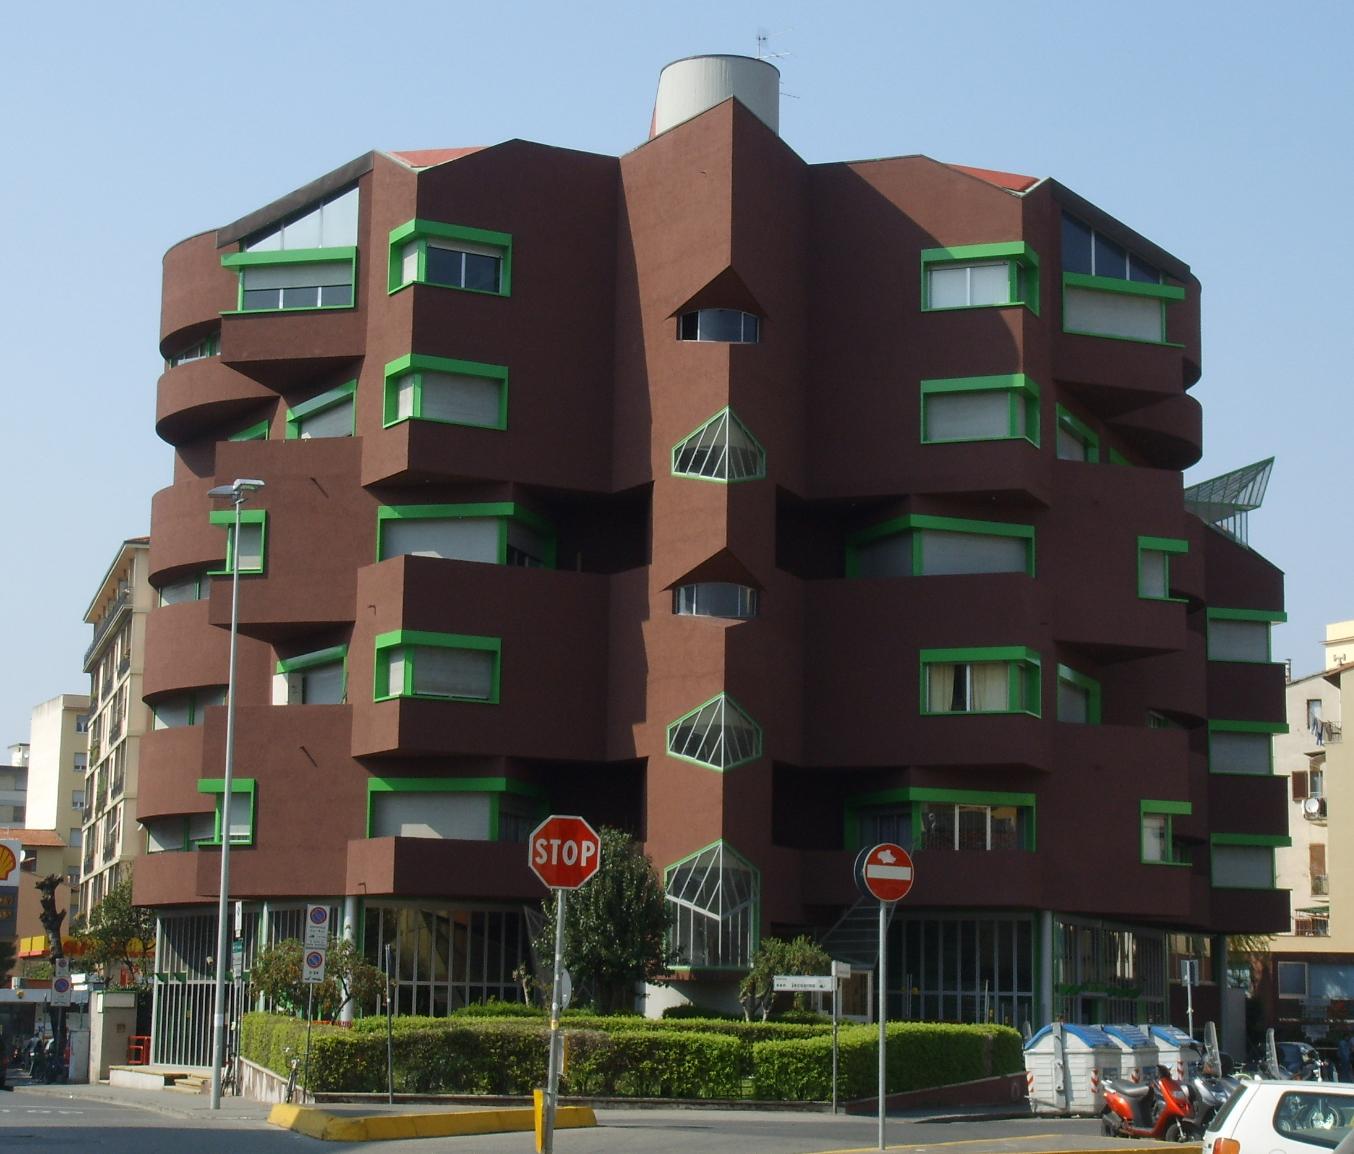 Condominio in san jacopino wikipedia - Autorizzazione condominio per ampliamento piano casa ...